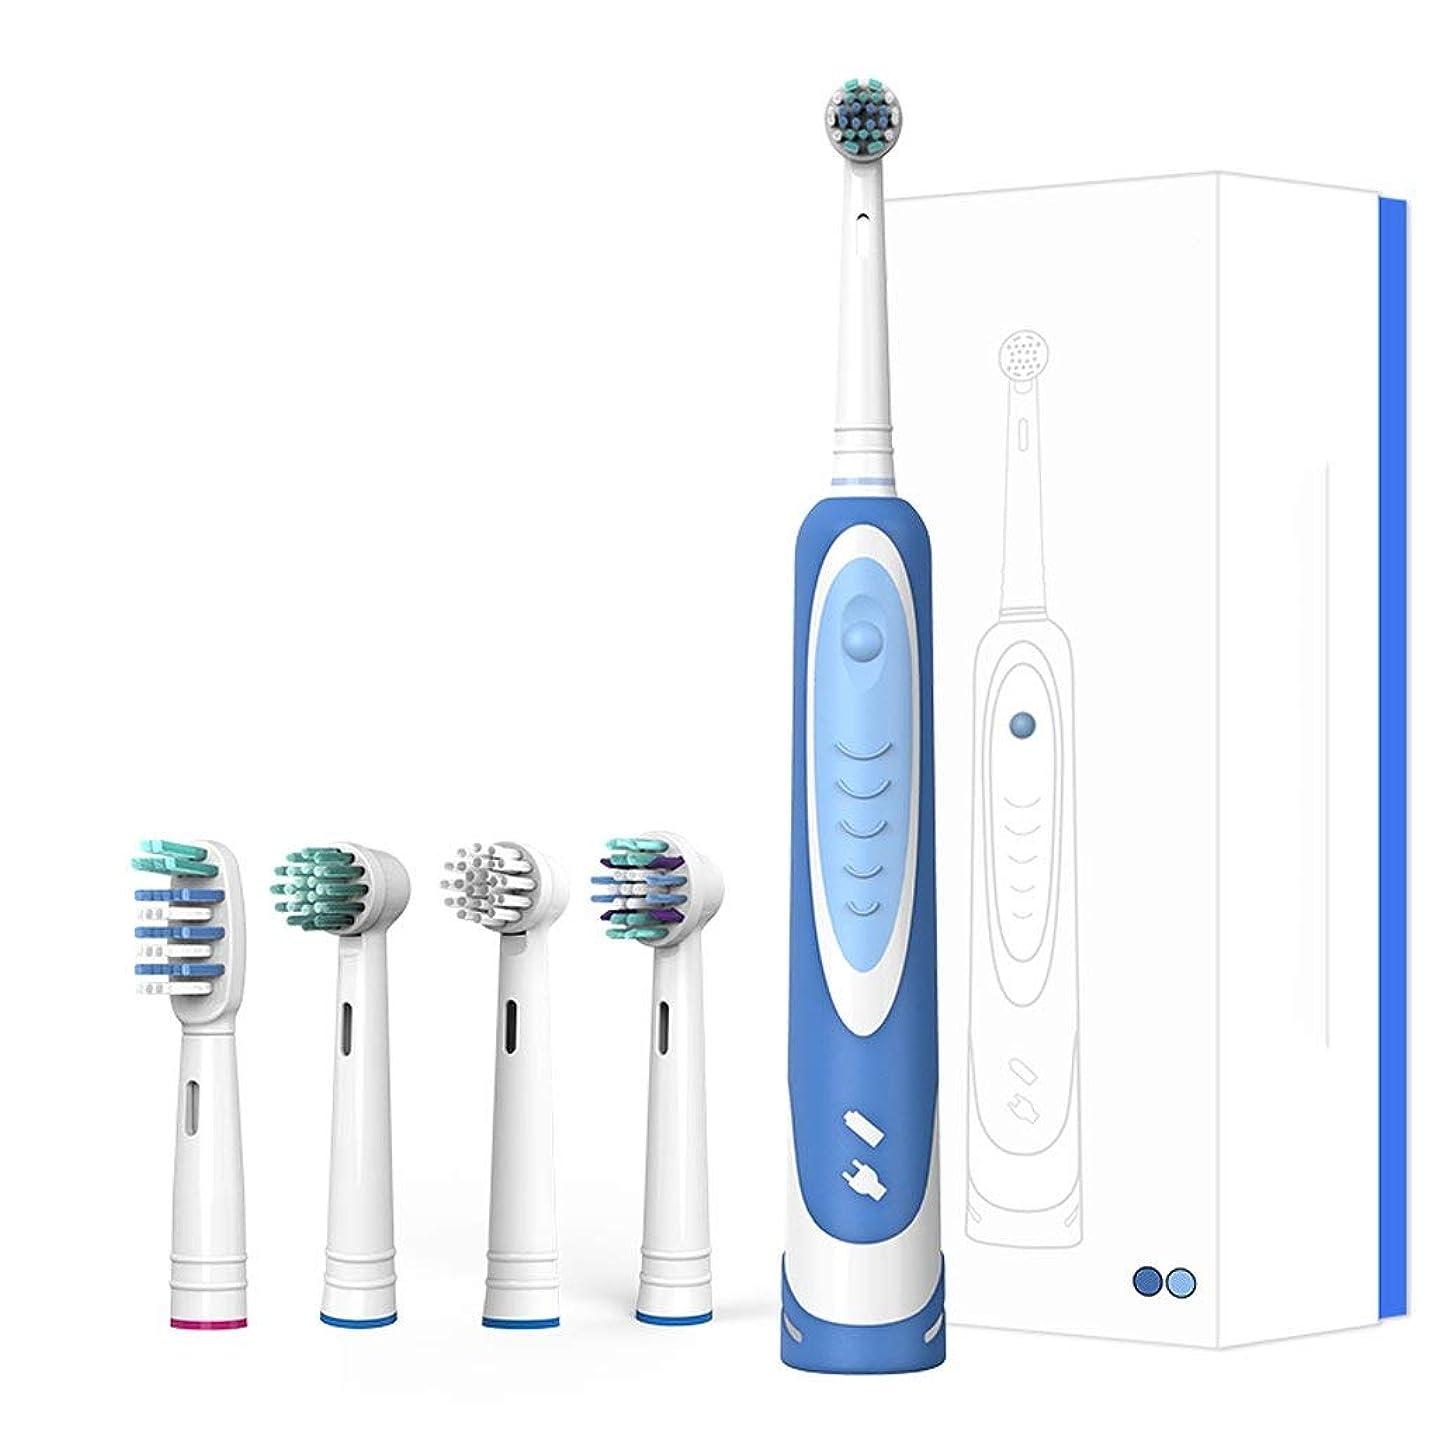 アラブサラボホイッスルソーダ水電動歯ブラシ大人回転式電動歯ブラシ防水スマート歯ブラシ2分スマートタイマー2ブラッシングモード持ち運びが簡単